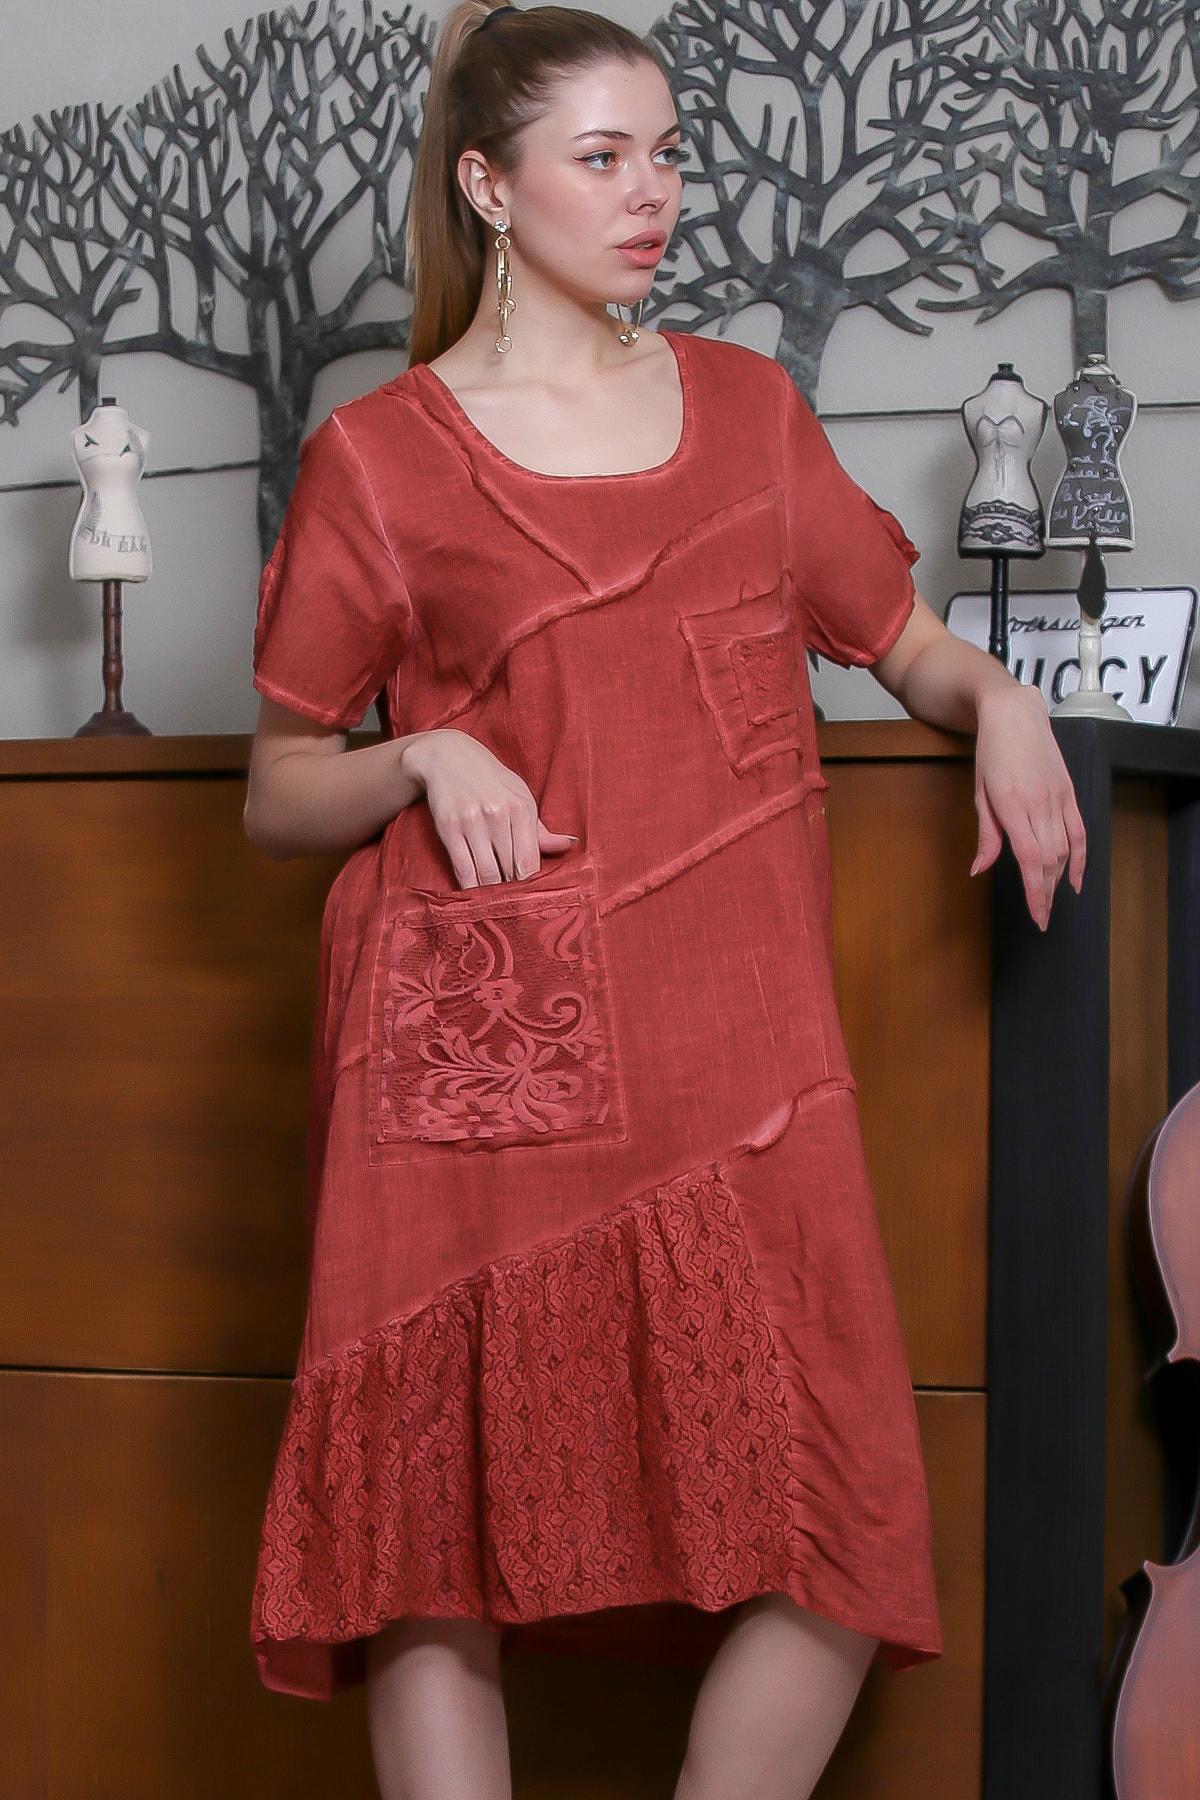 Chiccy Kadın Kiremit Sıfır Yaka Dantel Bloklu Cepli Astarlı Yıkamalı Elbise M10160000EL95294